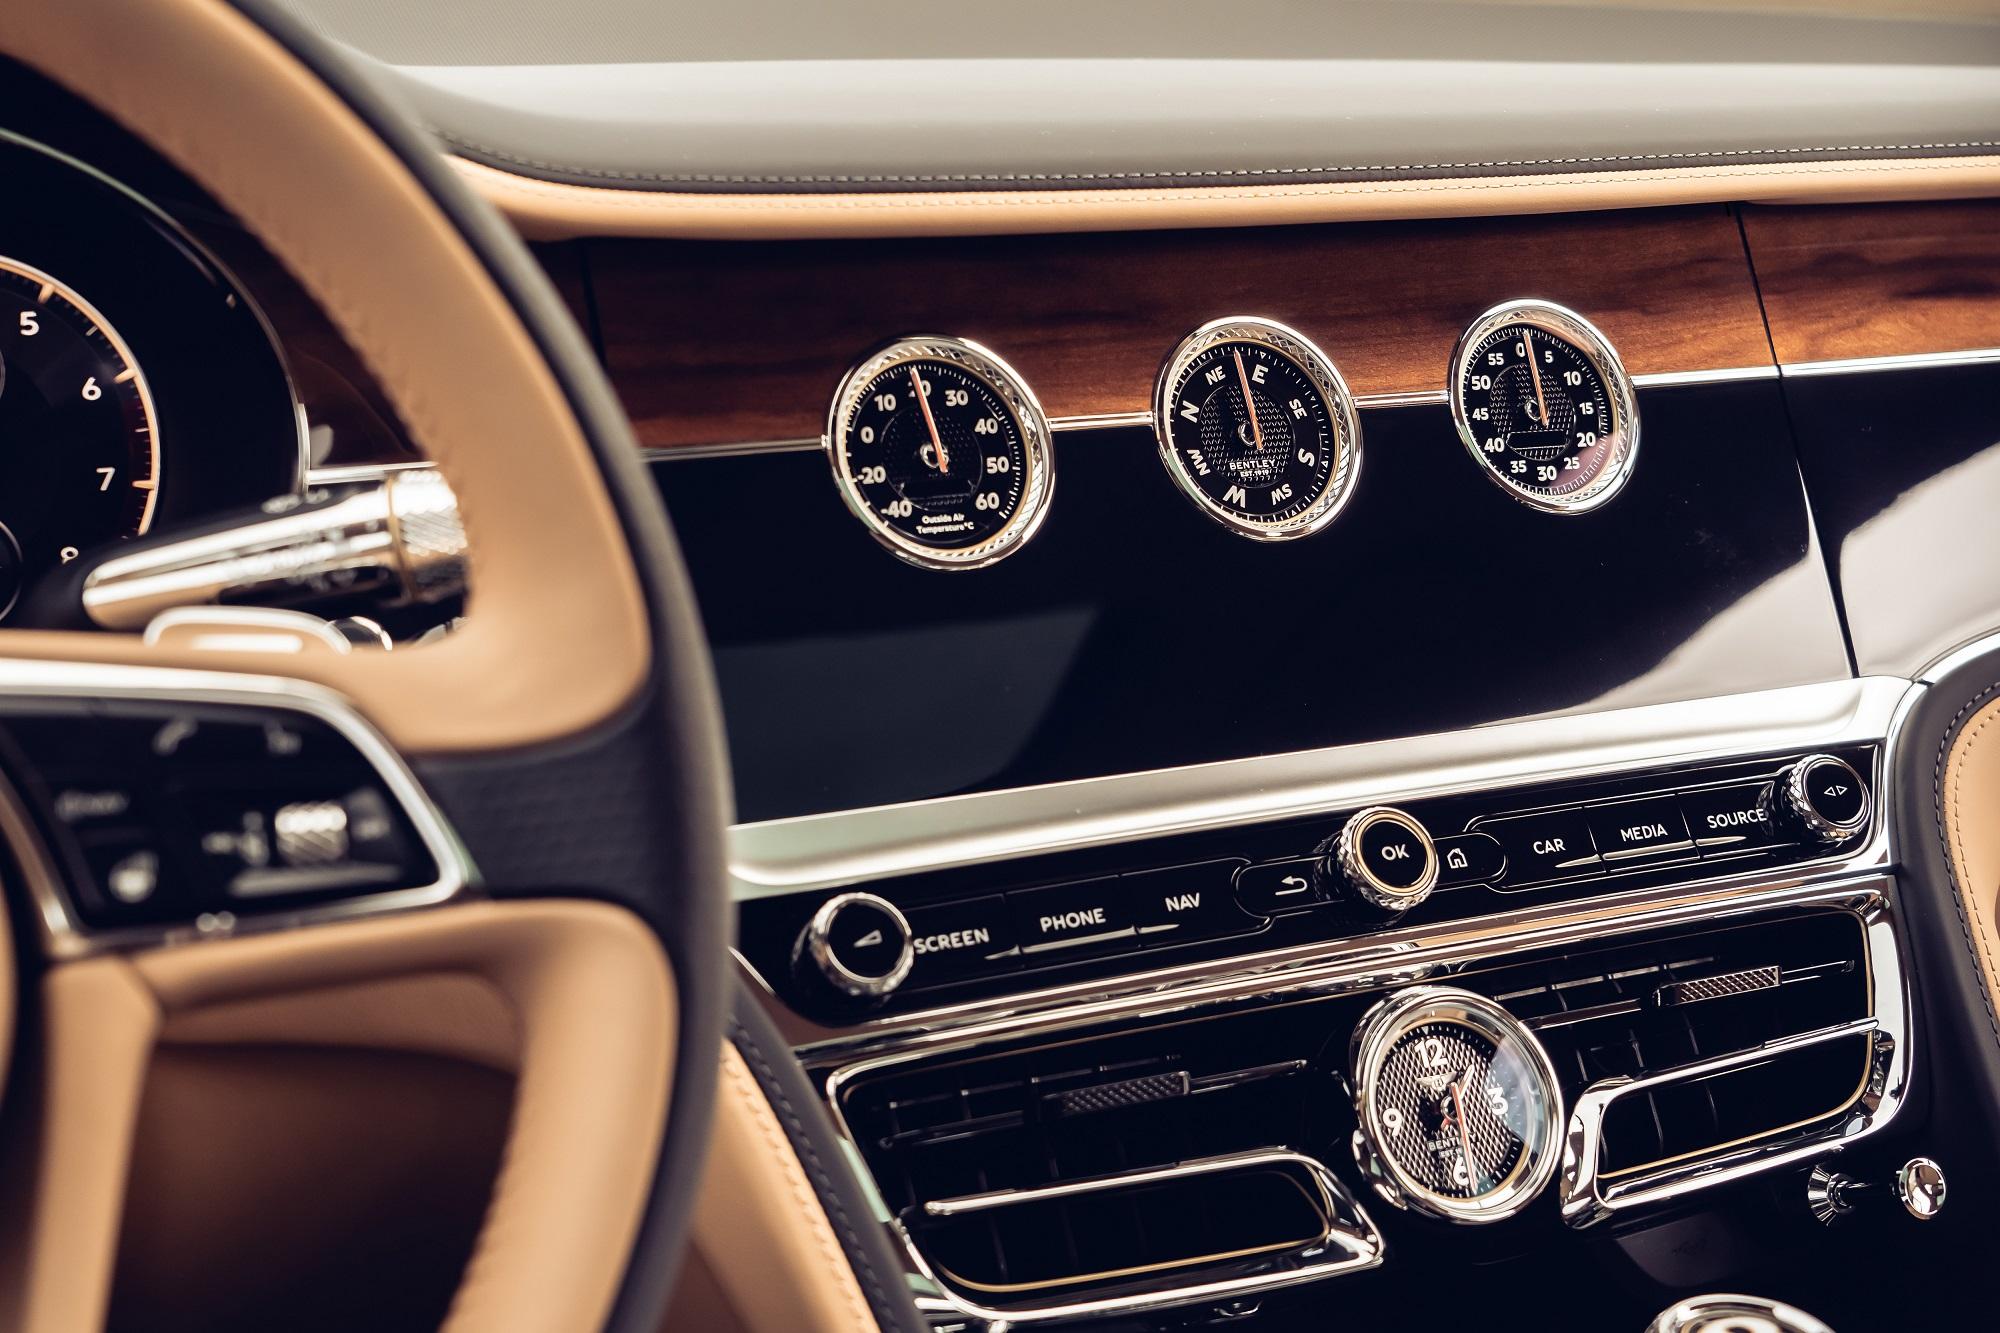 Otočný panel v Bentley je kus efektnej a precíznej techniky 1OMwszzgxR bentleyrotatingdisplay-4